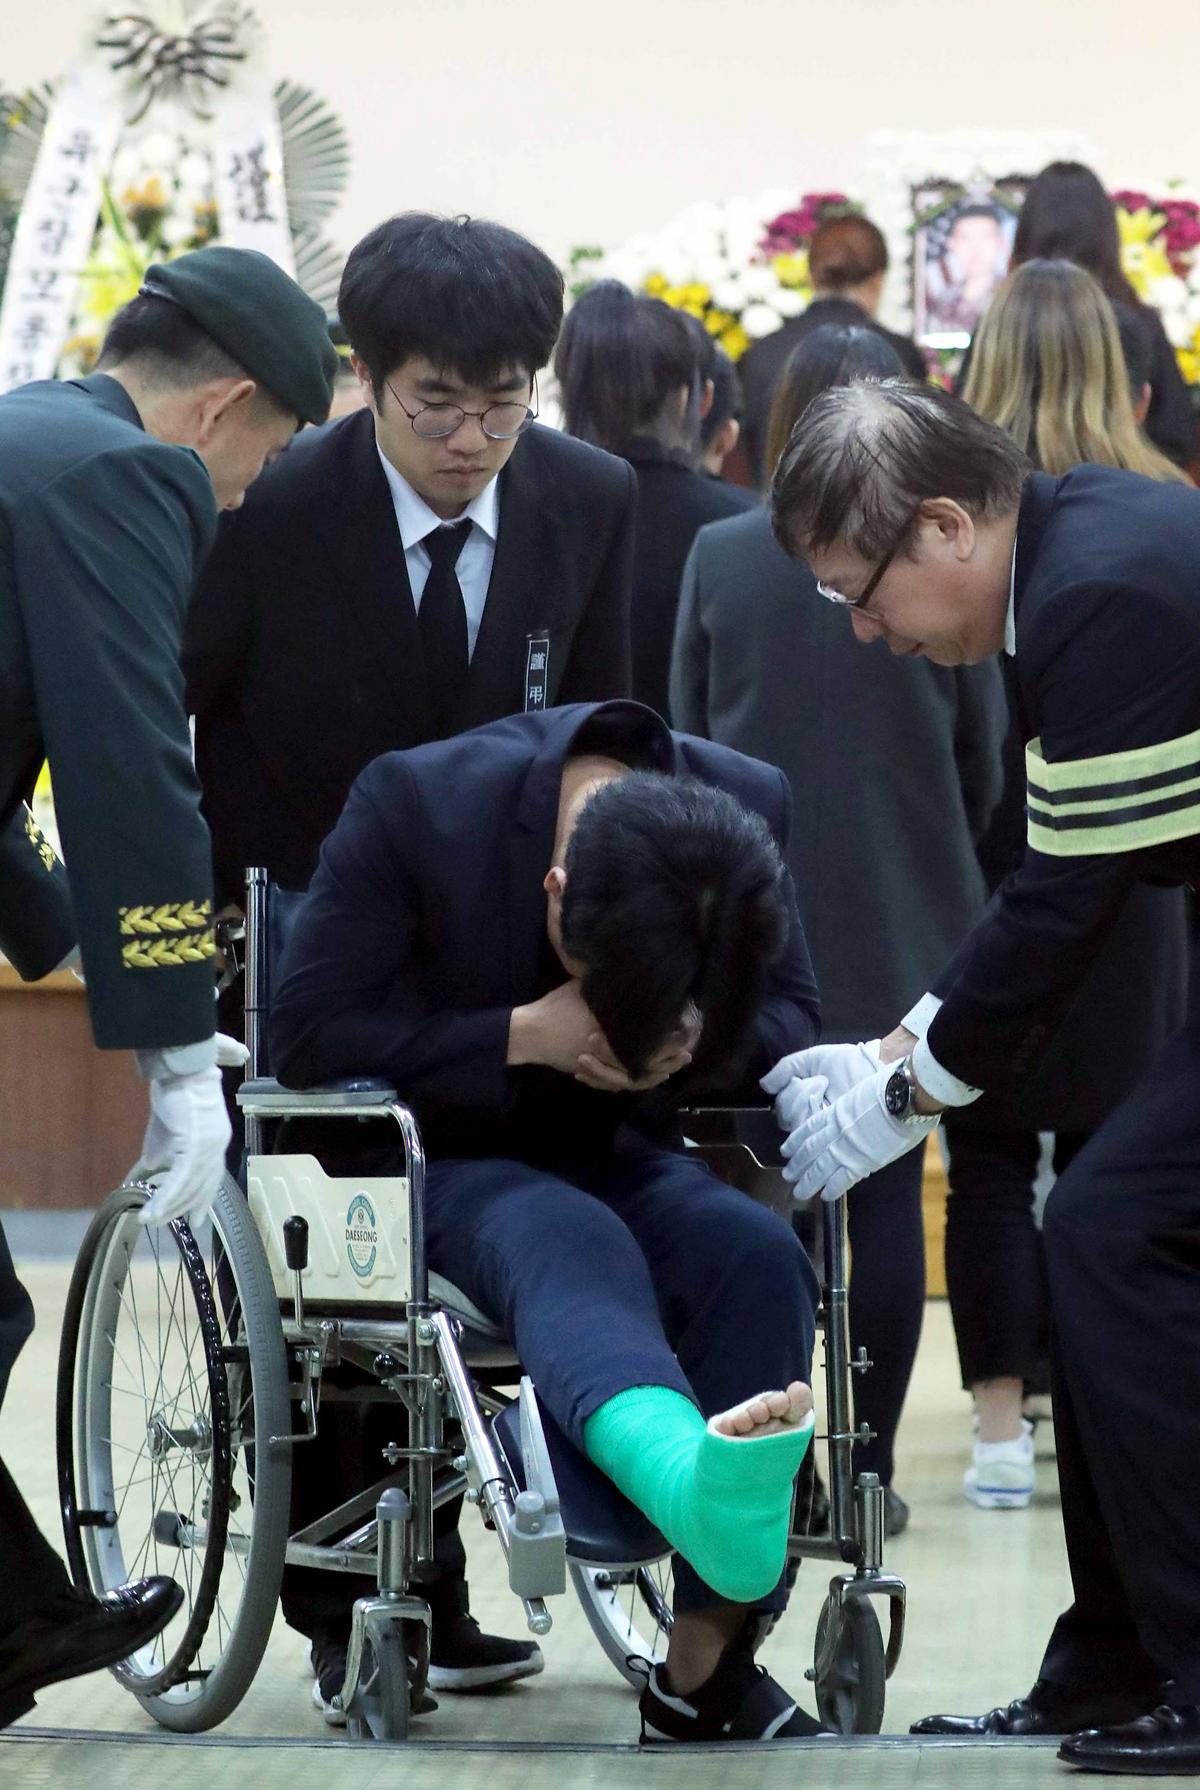 사고 순간 함께 있었던 故윤창호씨 친구의 오열